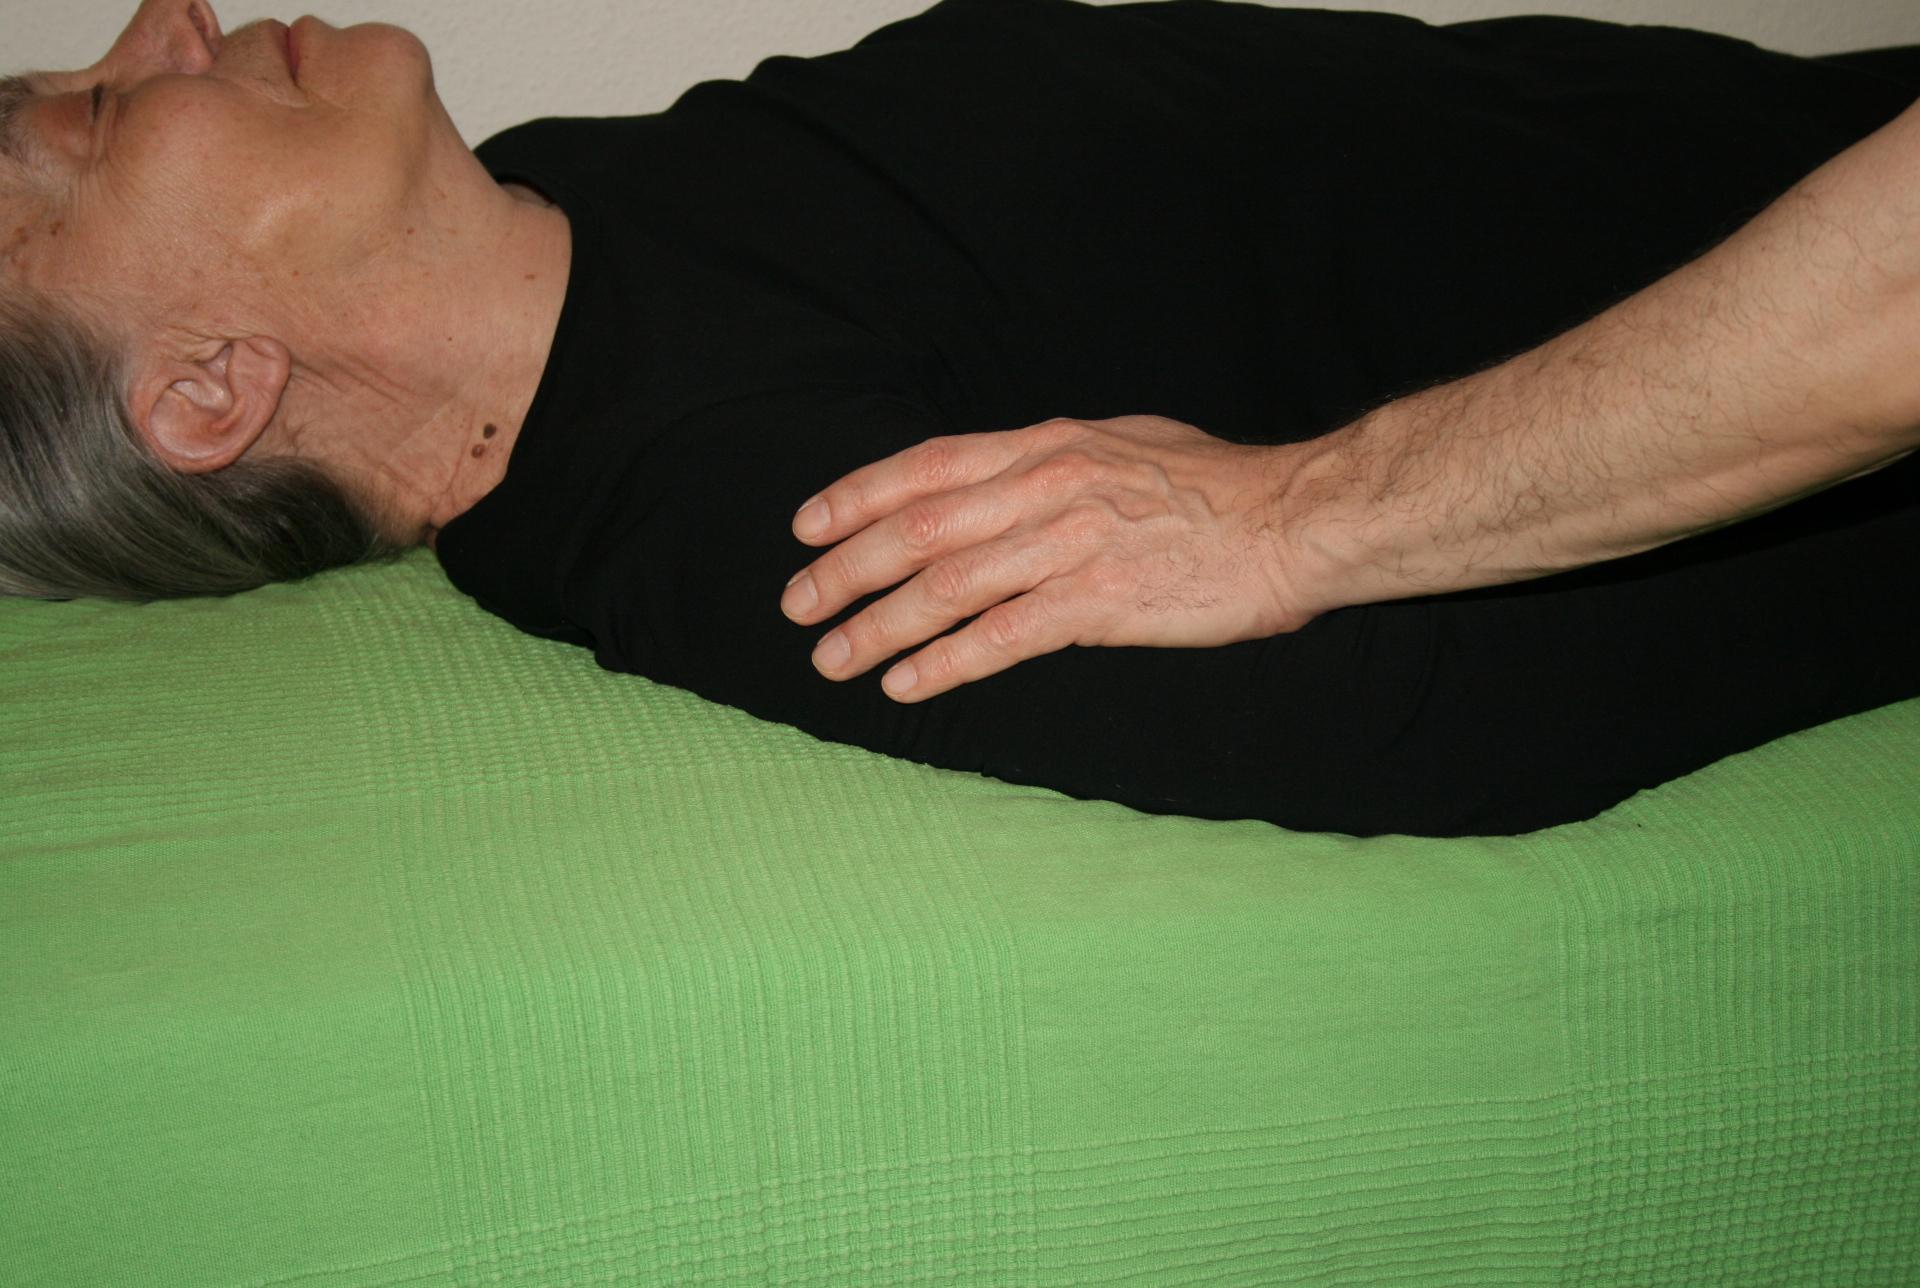 Billedet viser en en klient, der får behandling mod smerter i overarmen.